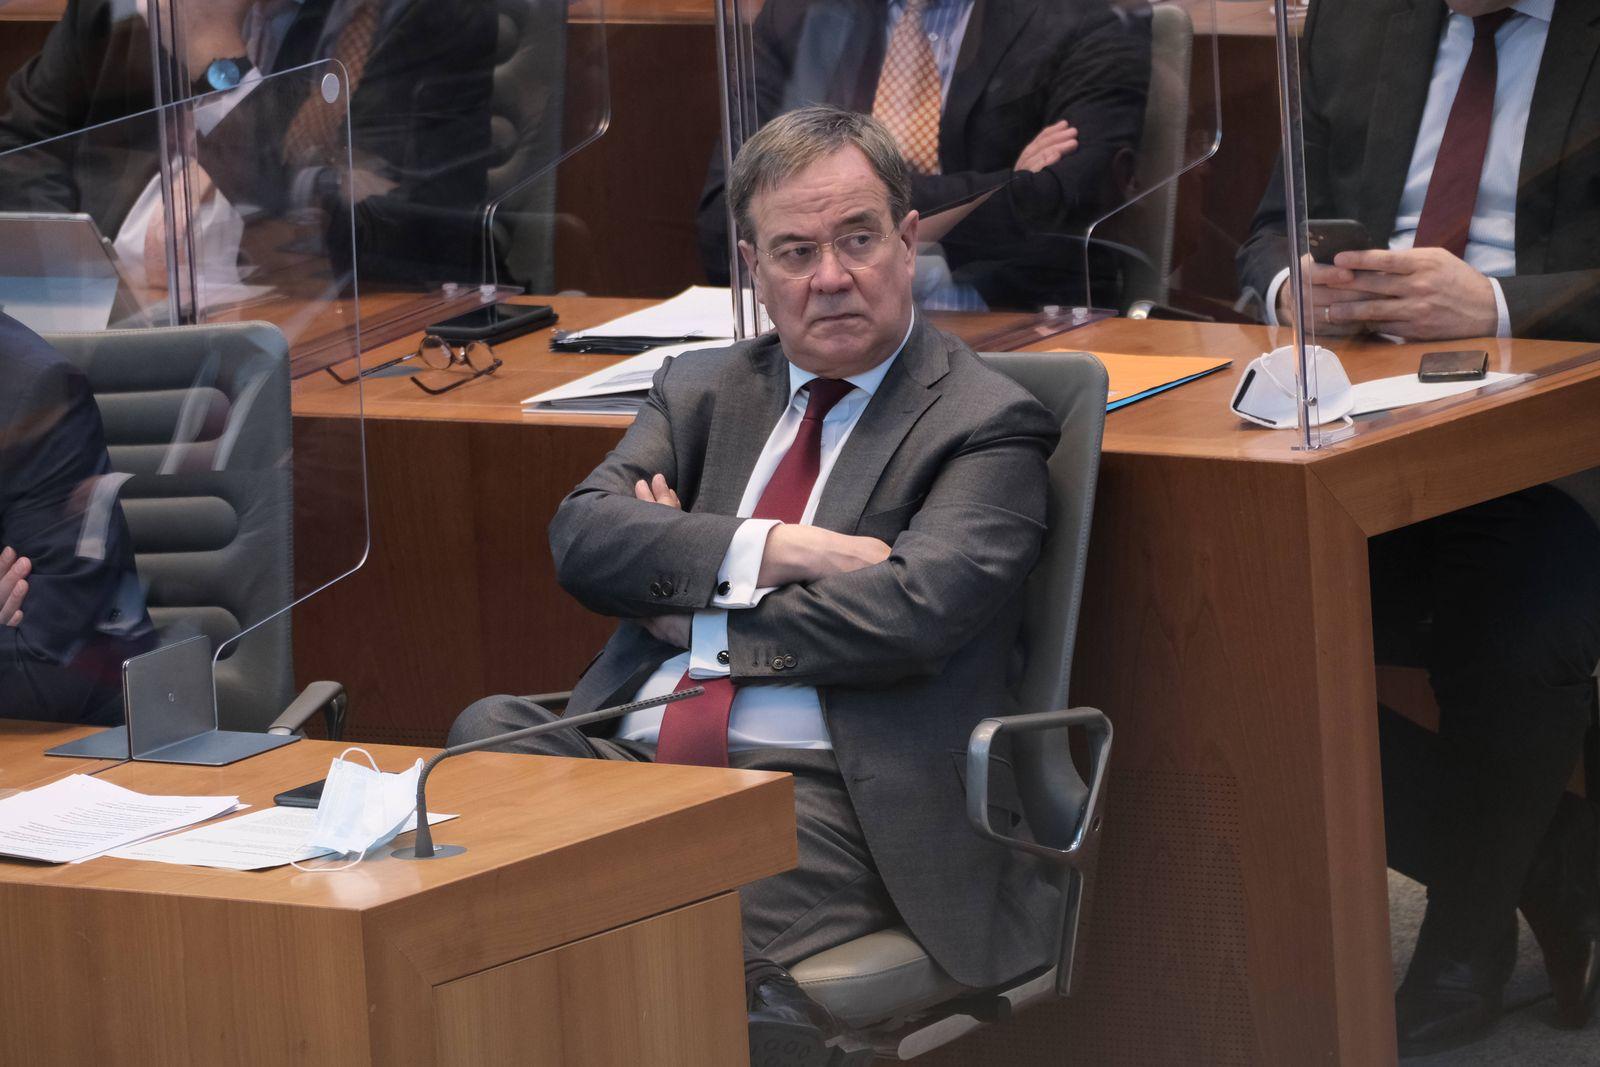 Düsseldorf 28.04.2021 Landtag NRW Plenum Ministerpräsident Armin Laschet CDU Düsseldorf Landtag Nordrhein-Westfalen Deu